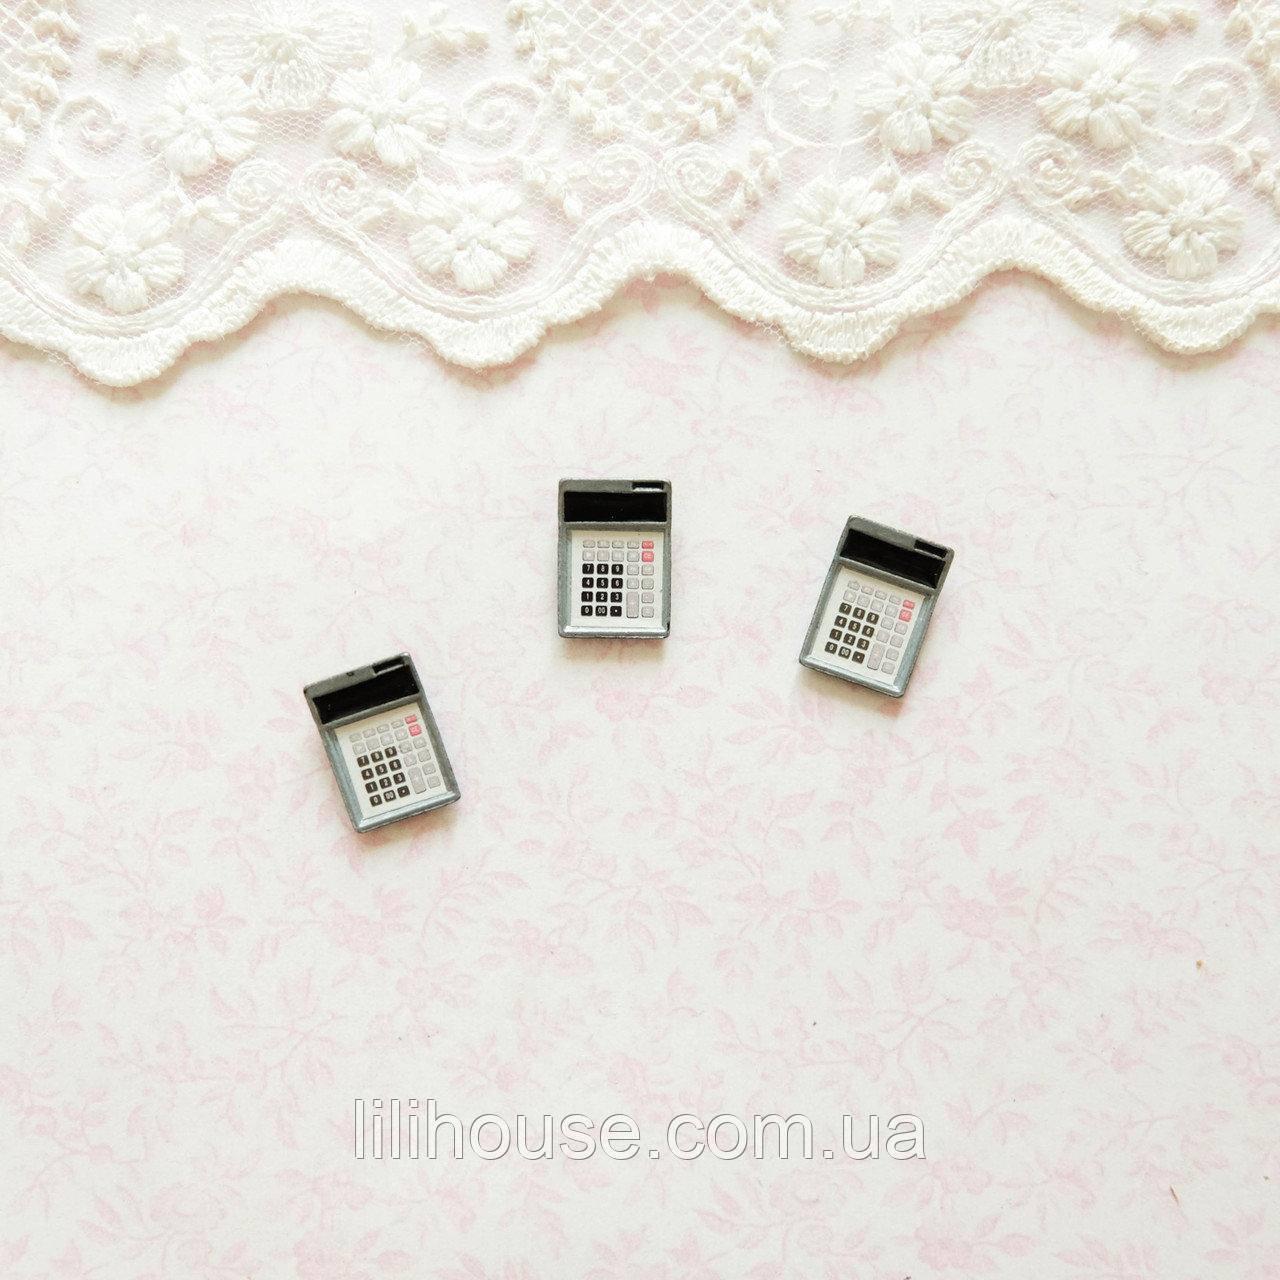 1:12 Мініатюра Калькулятор 1.8*1.3 см